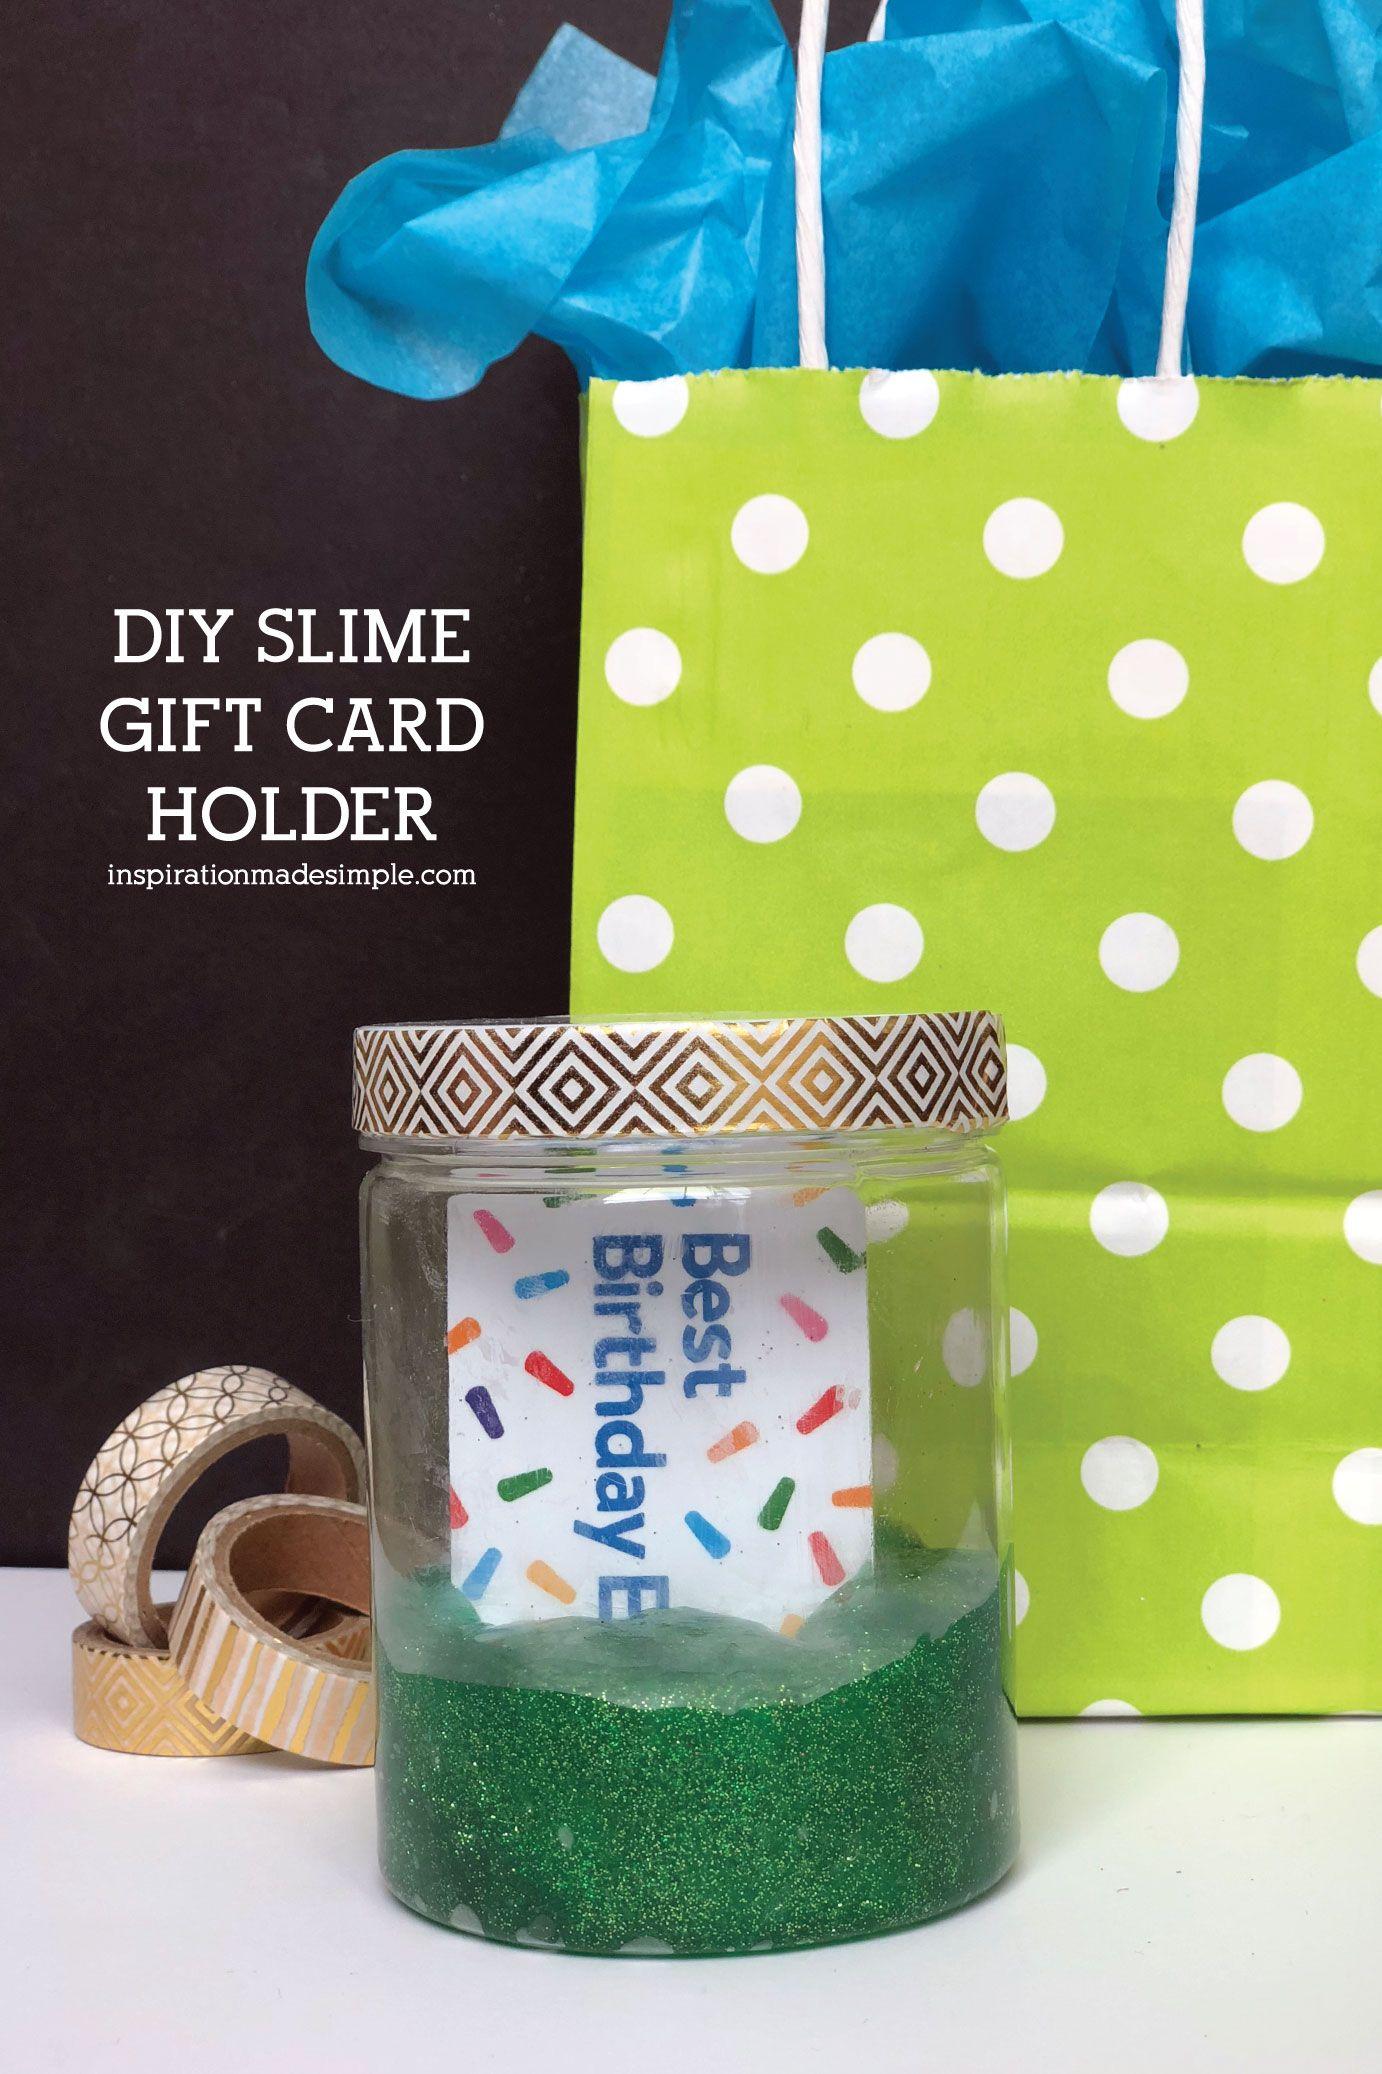 DIY Slime Gift Card Holder Gift Idea